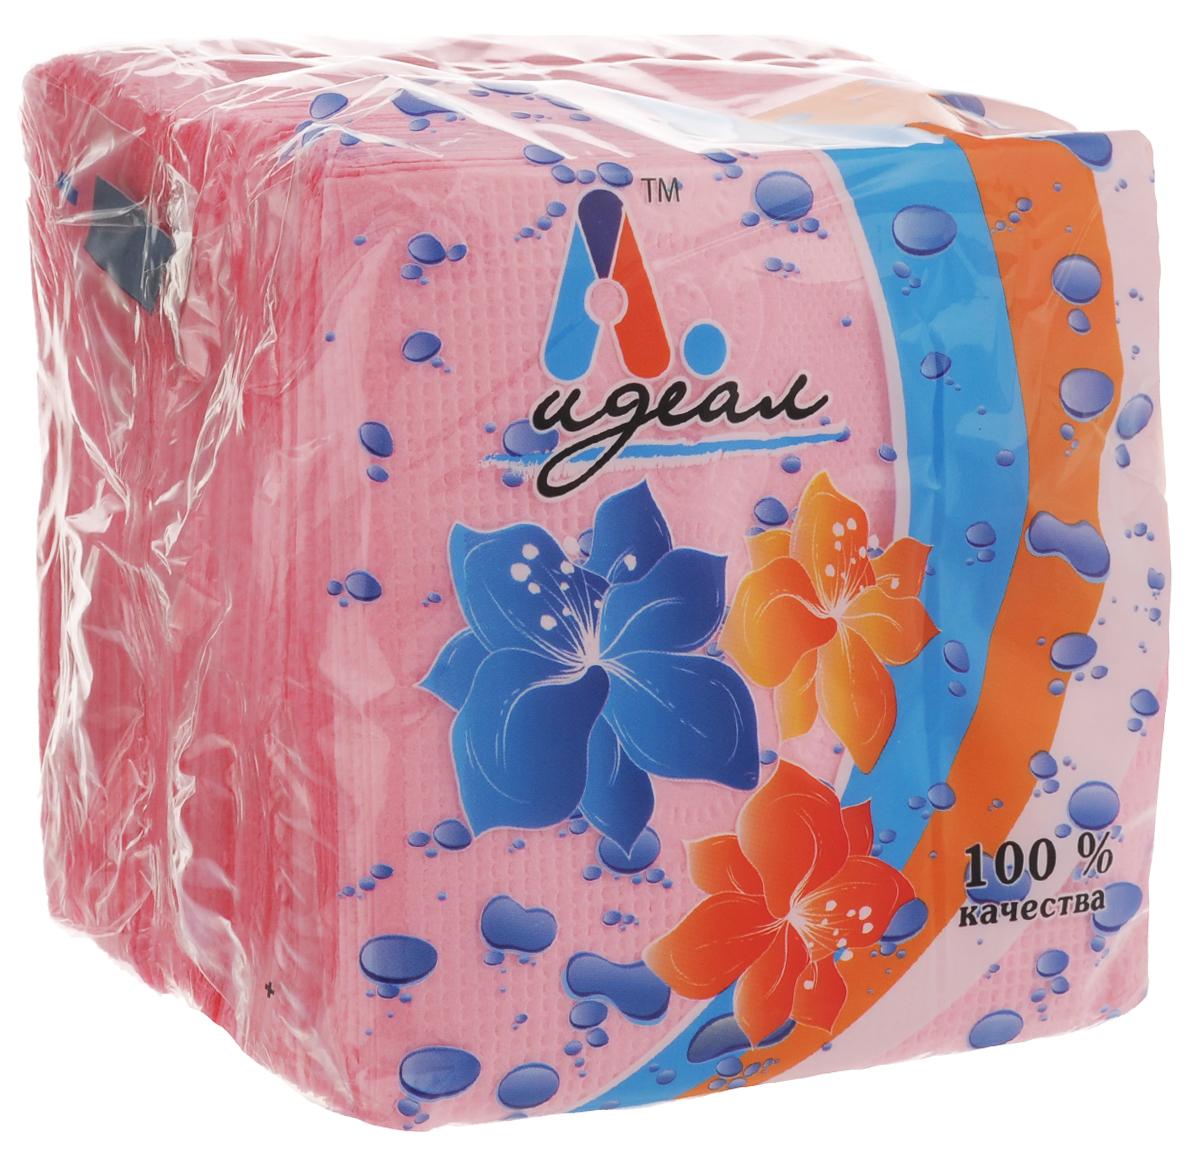 Салфетки бумажные Идеал, цвет: розовый, 85 штS28 DCБумажные салфетки Идеал выполнены из 100% целлюлозы. Салфетки подходят для косметического, санитарно-гигиенического и хозяйственного назначения. Нежные и мягкие. Салфетки украшены узором.Комплектация: 85 +/- 5 шт.Размер салфетки: 24 х 24 см.